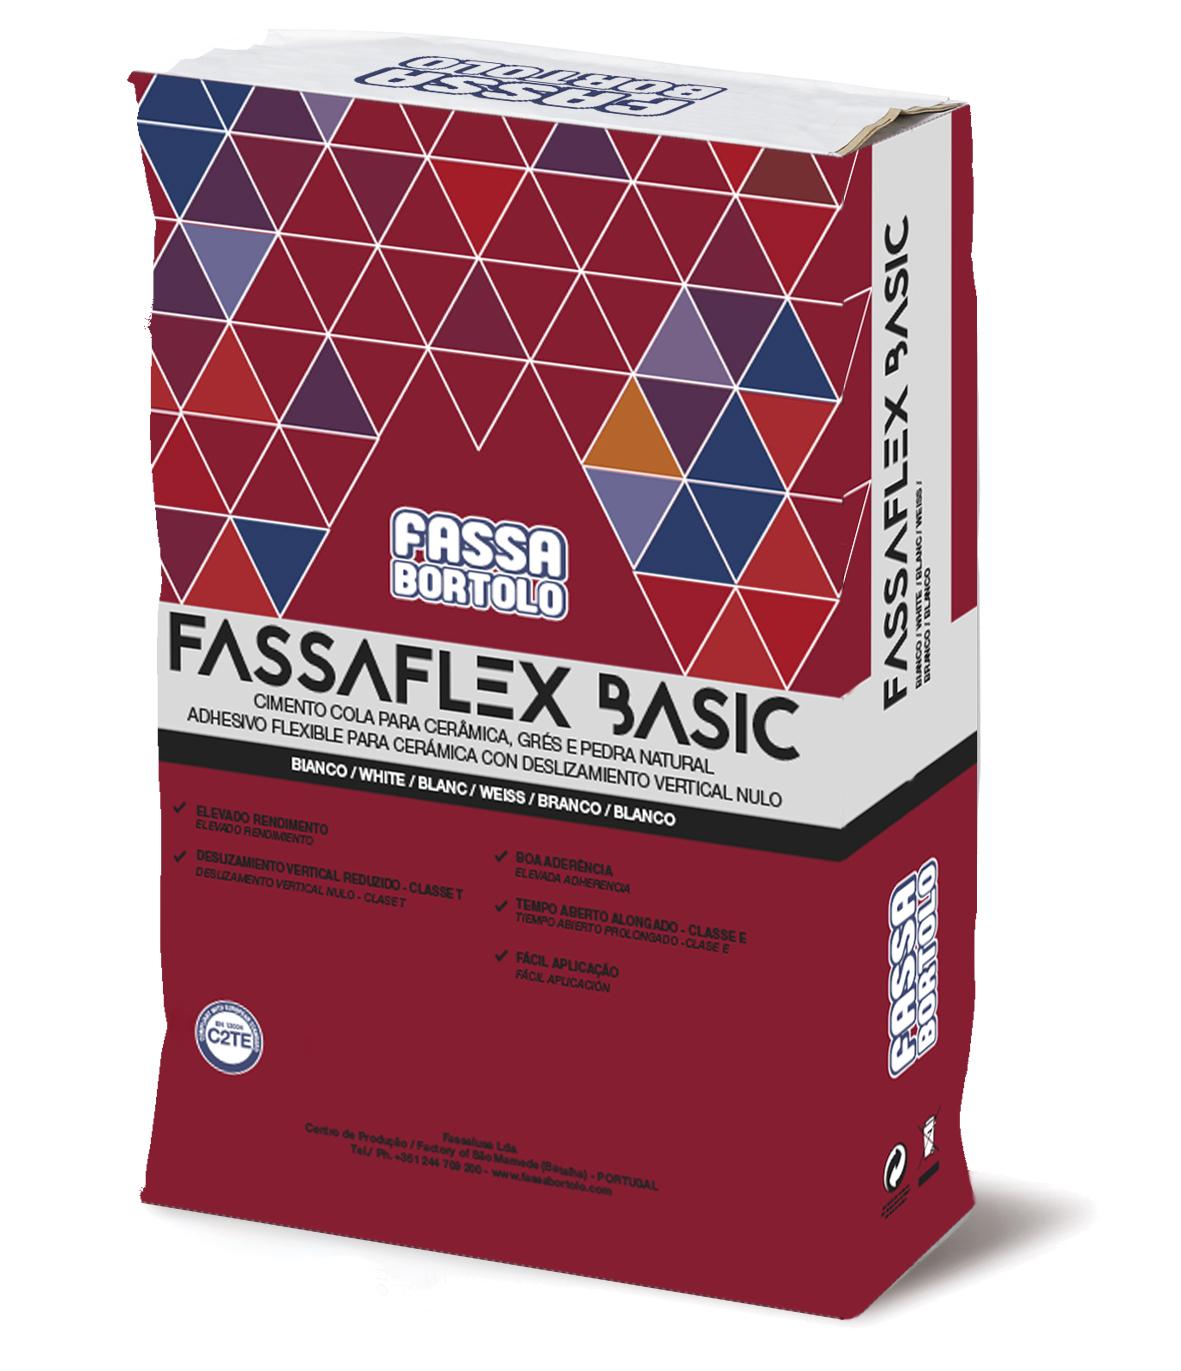 FASSAFLEX BASIC: Adesivo monocomponente de base cimentícia, branco e cinza, de elasticidade média, anti-deslizante e com tempo aberto alongado, para pavimentos e revestimentos, sejam internos ou externos.